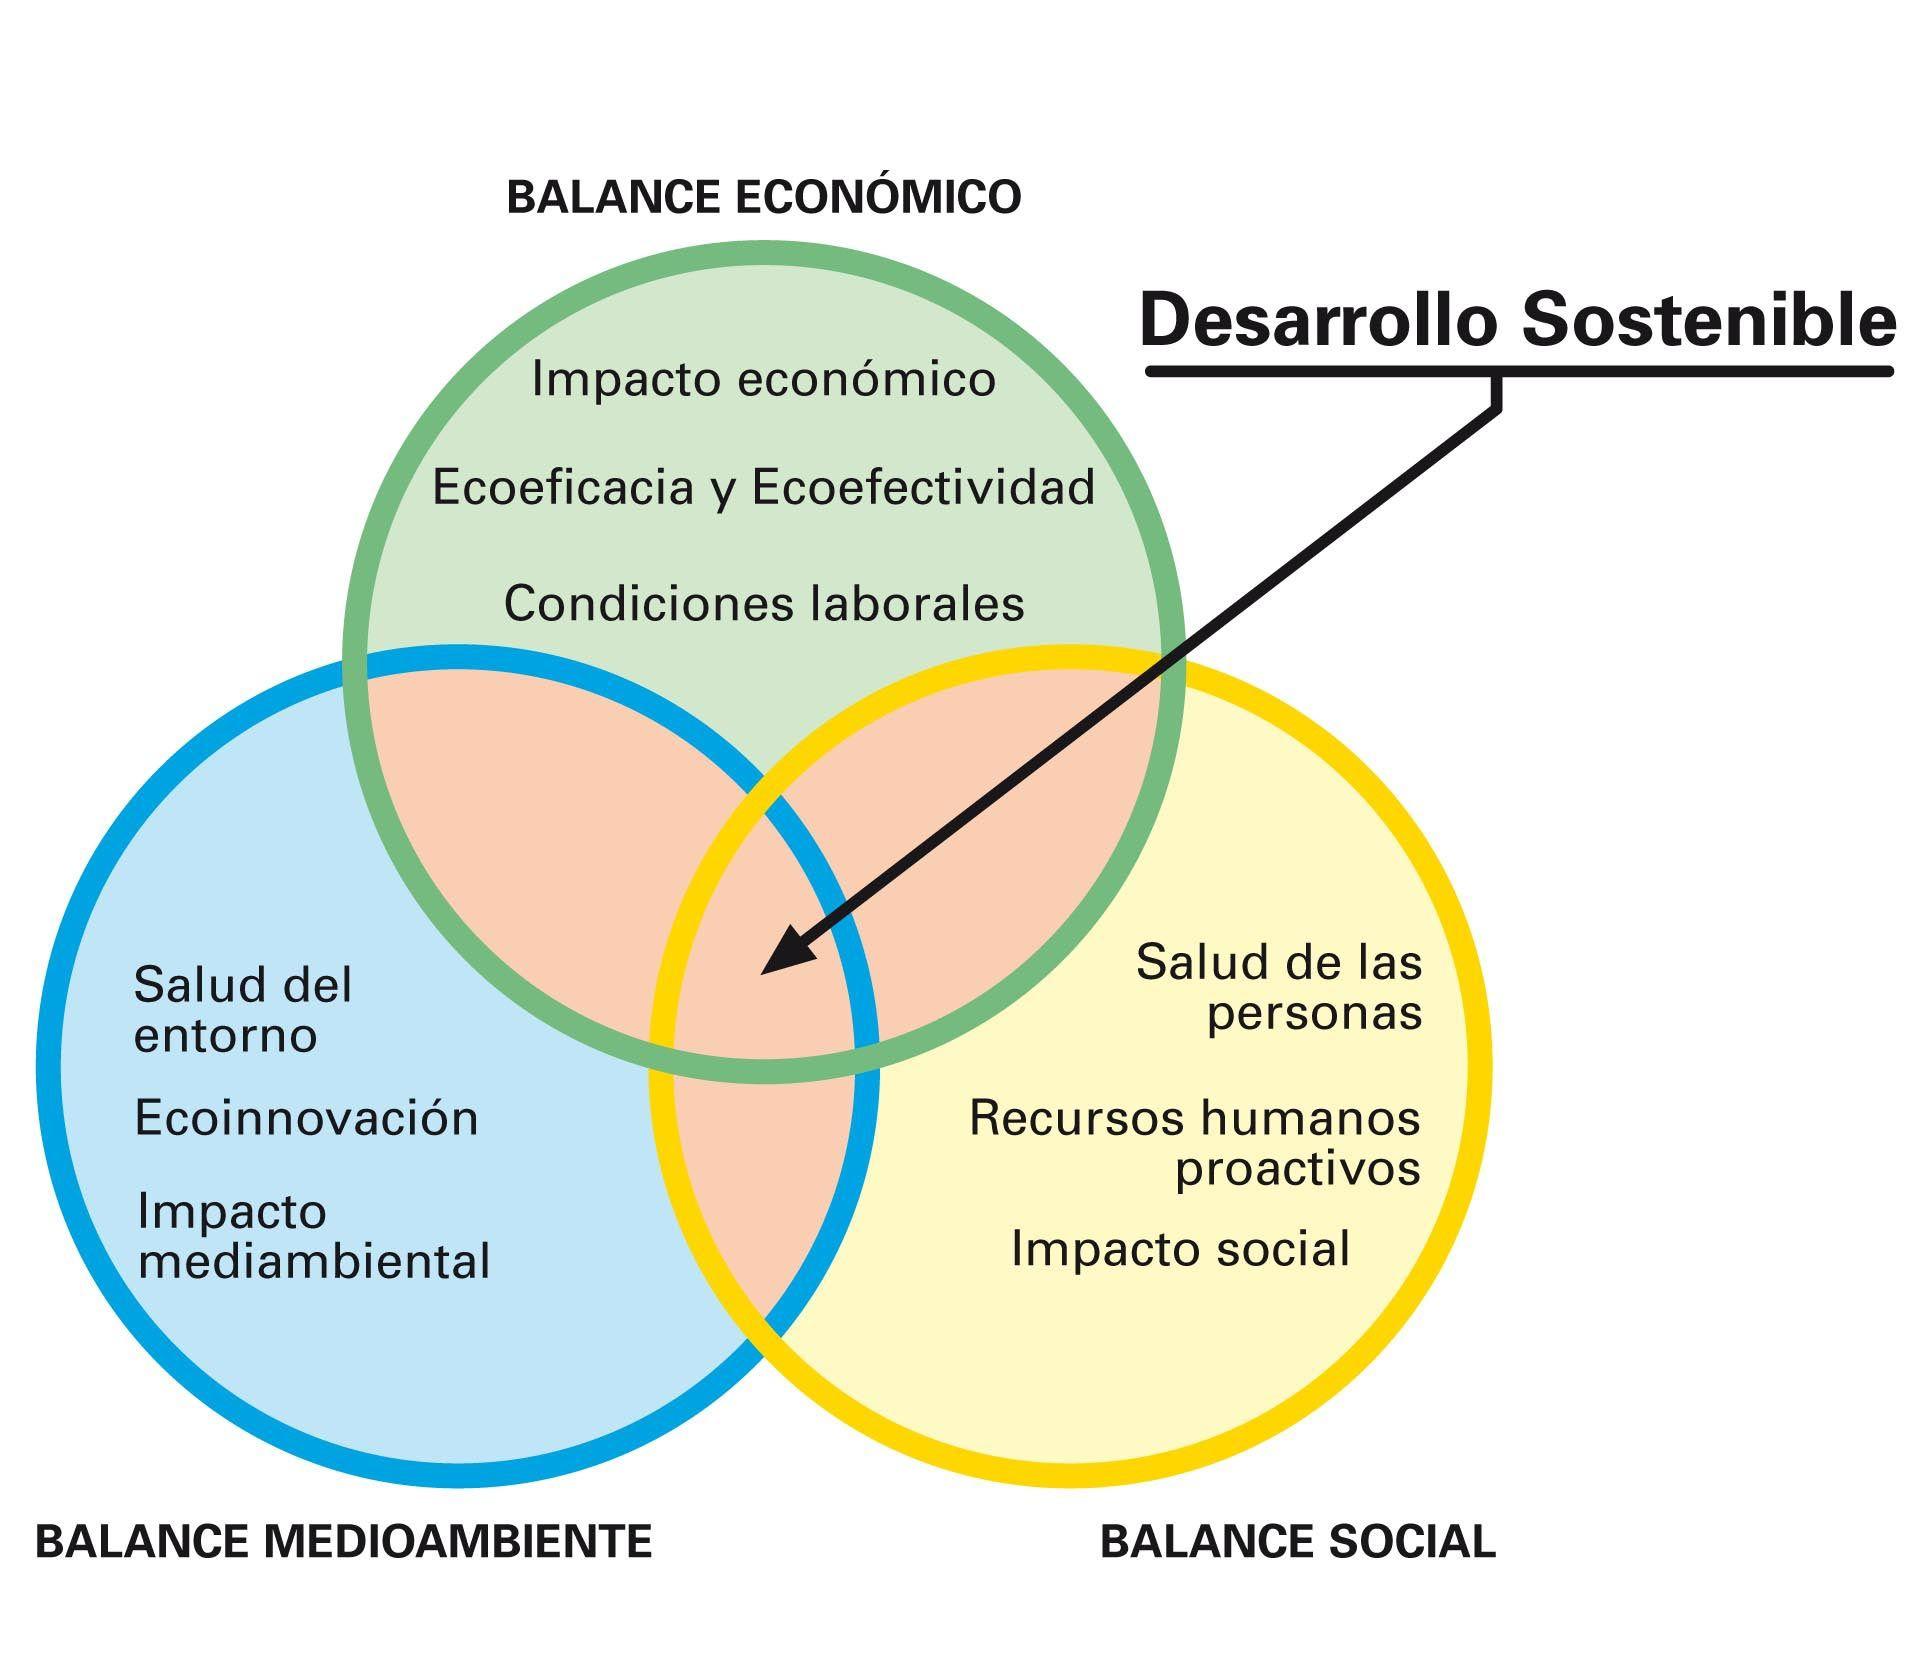 Sostenibilidad arquitectura pinterest sostenibilidad Arquitectura de desarrollo